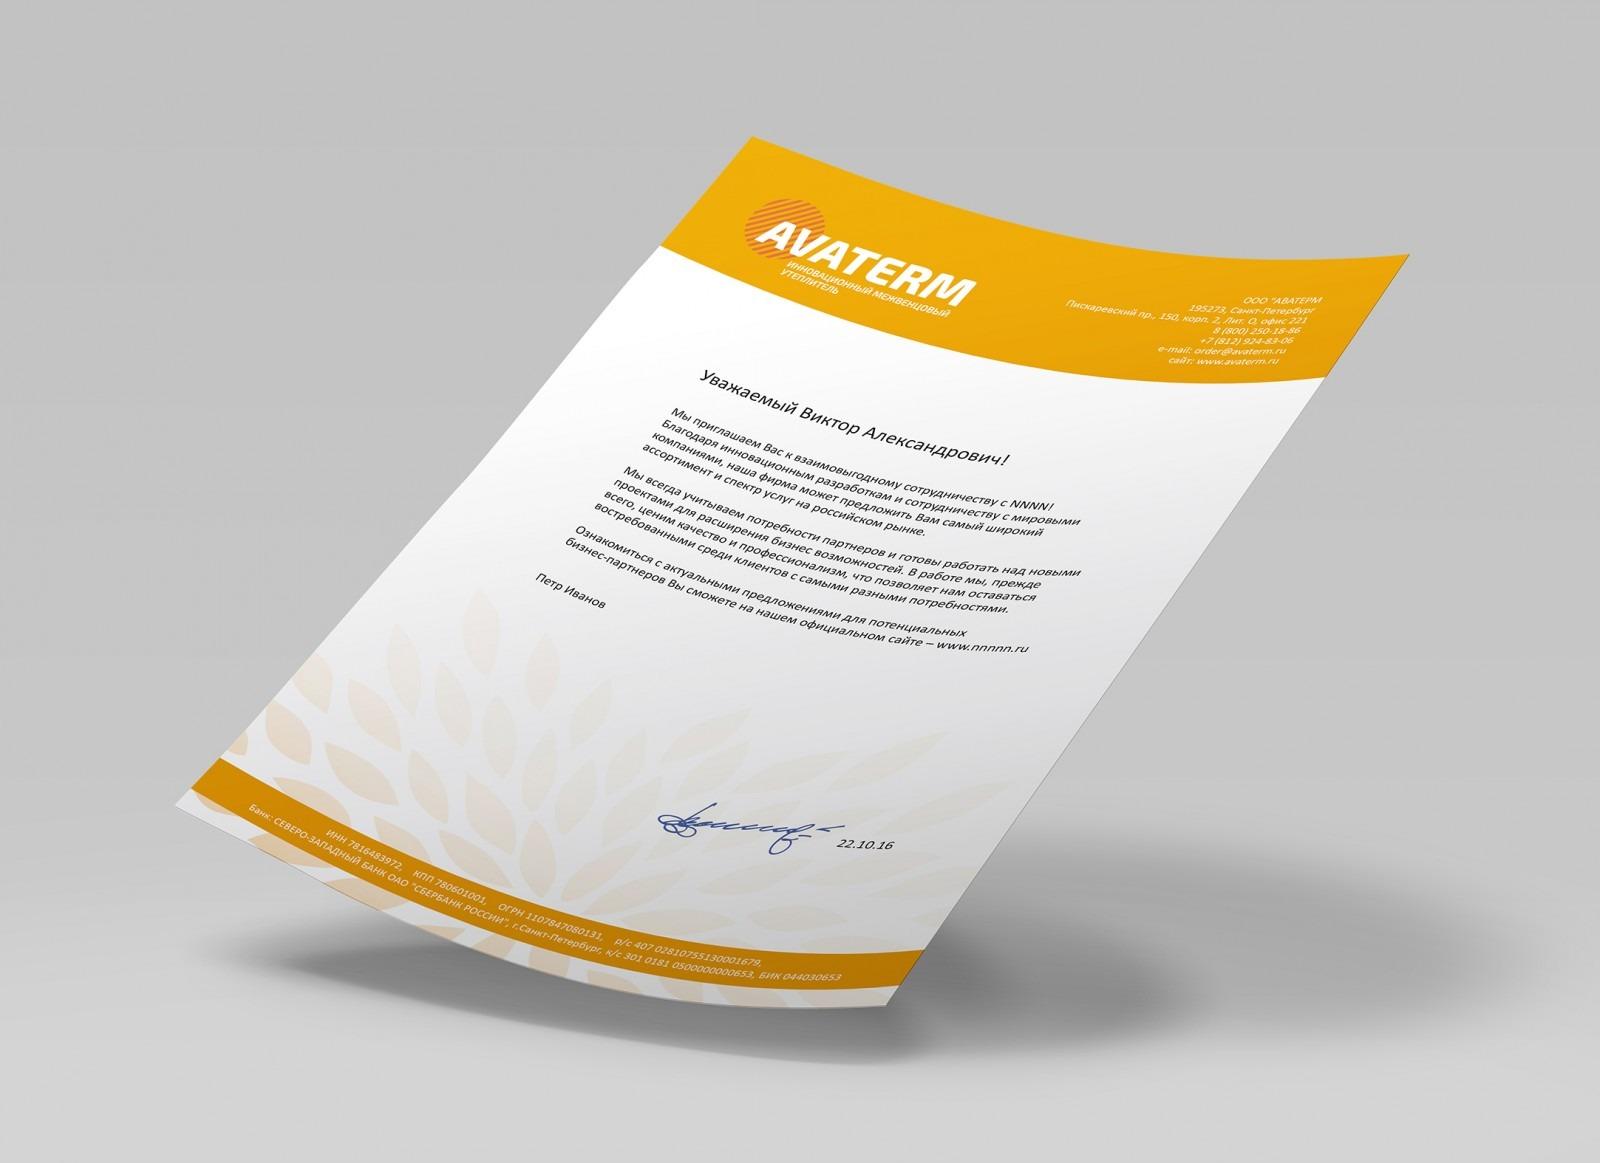 Дизайн бланка AVATERM